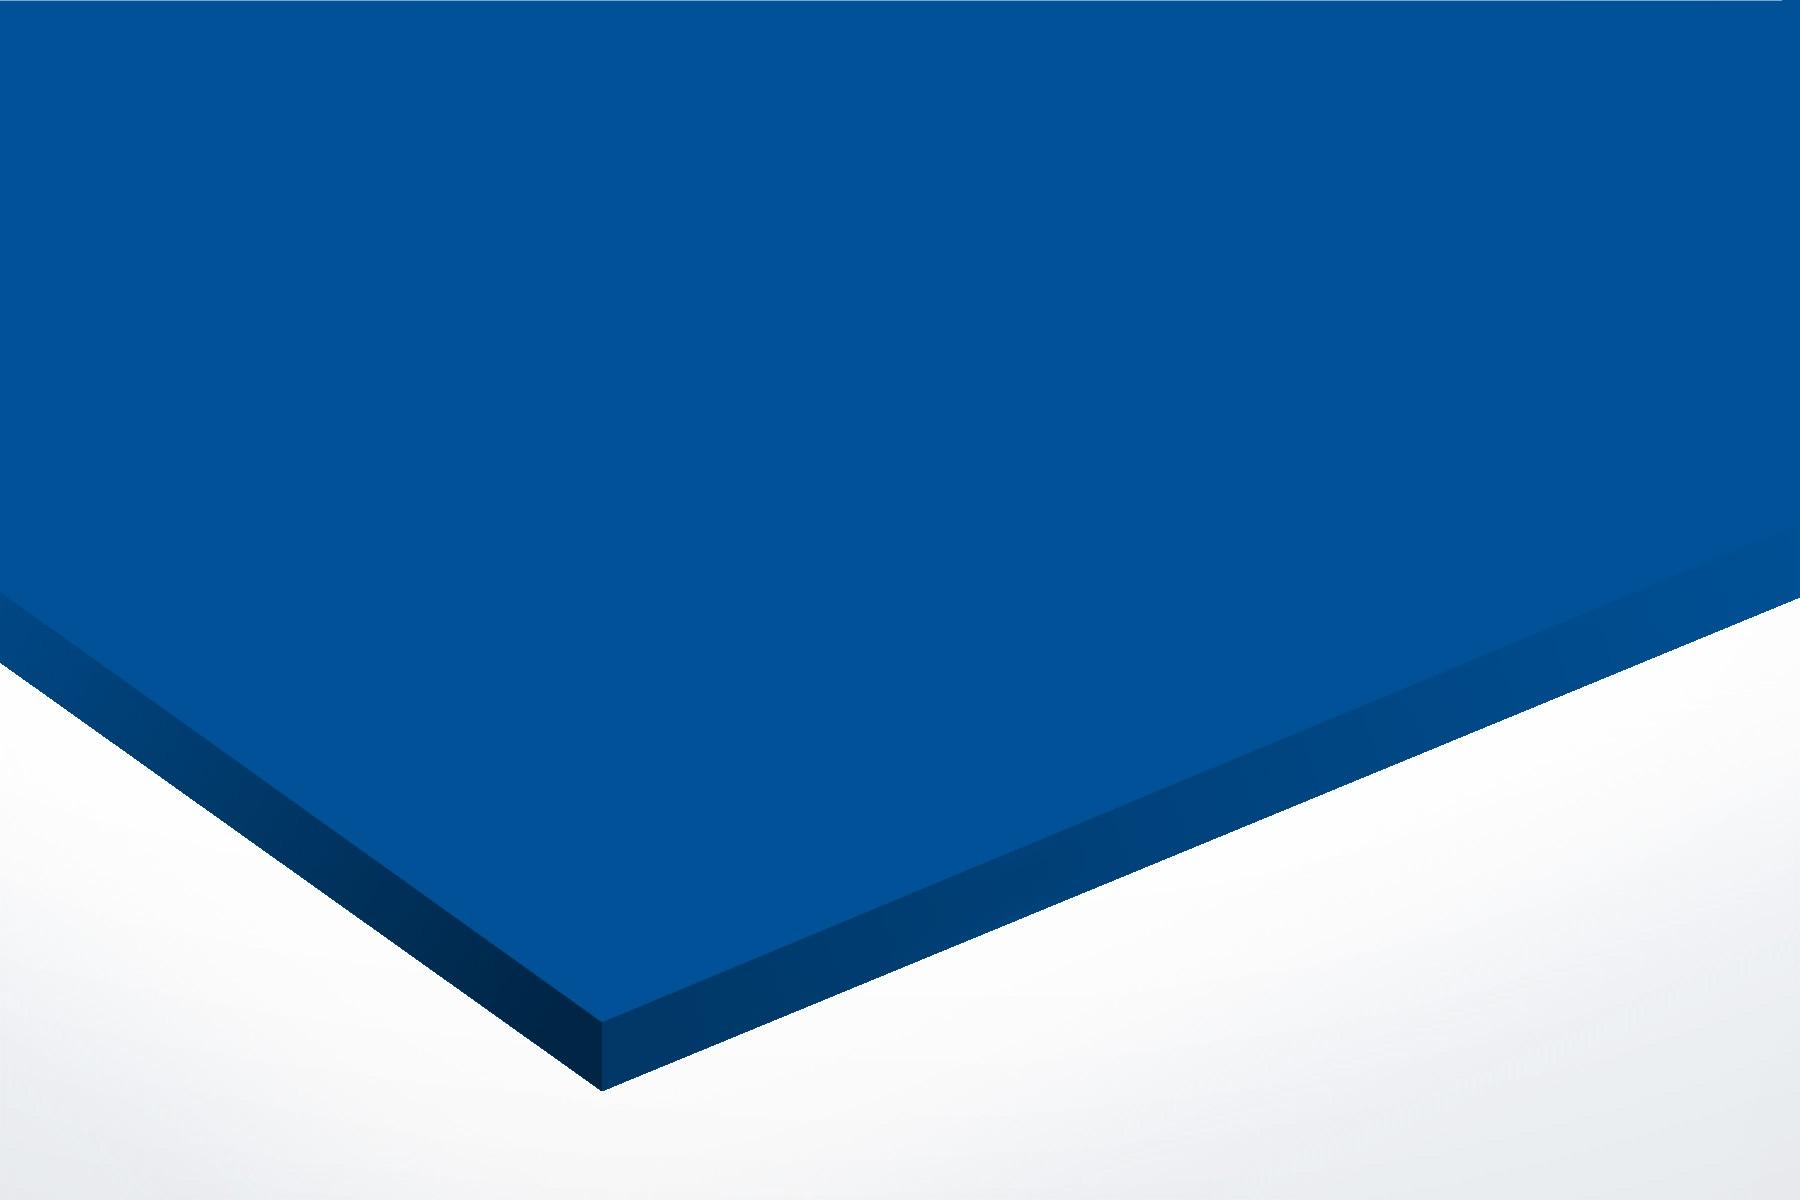 301/10/3097 Alu mat Bleu 1mm